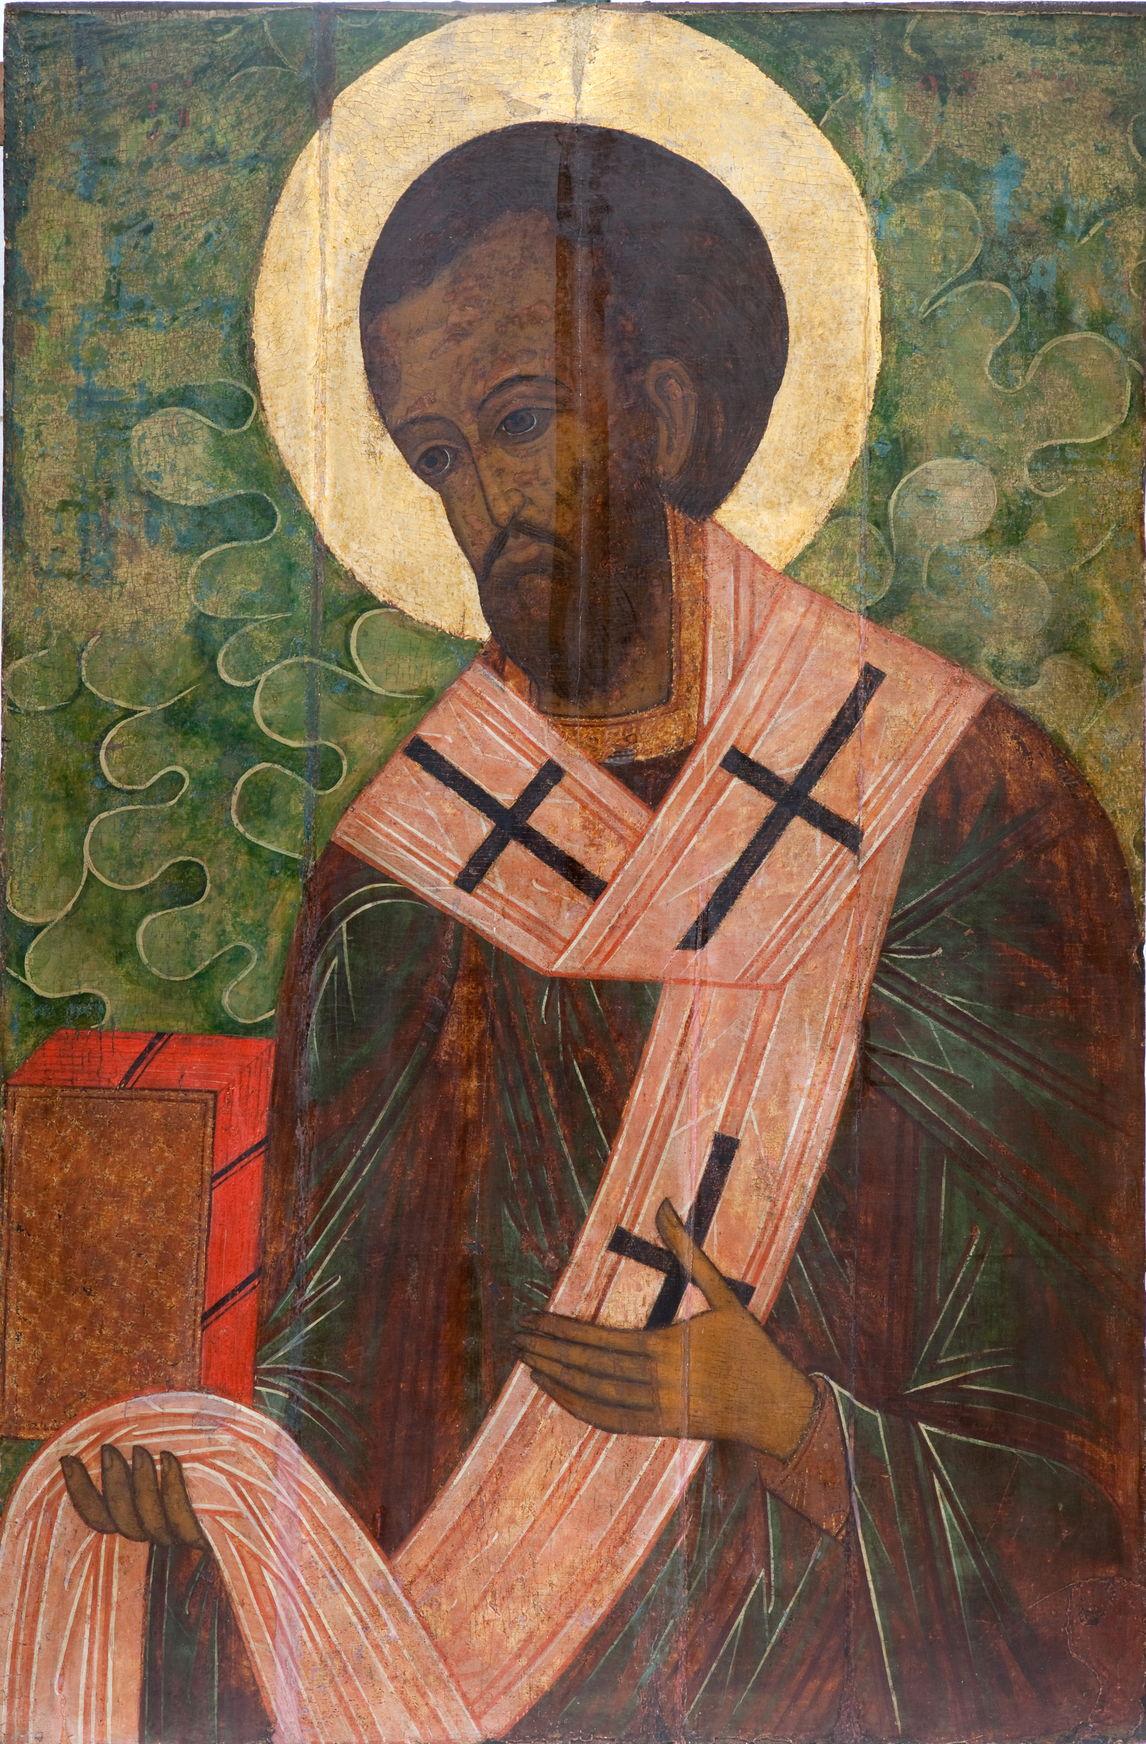 Икона «Иоанн Златоуст». XVI в. Выполнена в темперной технике